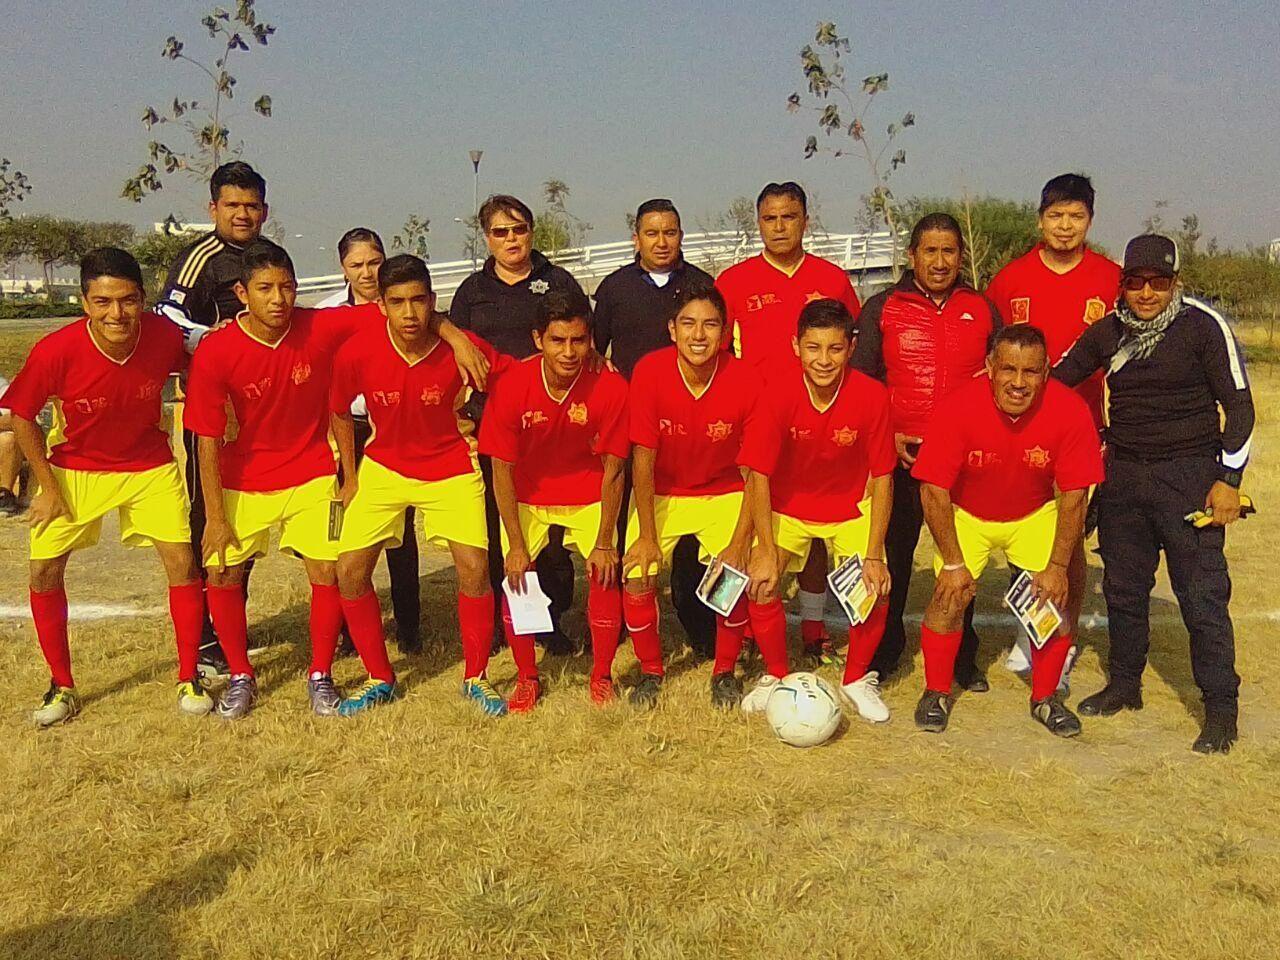 Avanza con éxito Poli Torneo  de fútbol redes vecinales de seguridad  por cuadra en Nezahualcòyotl